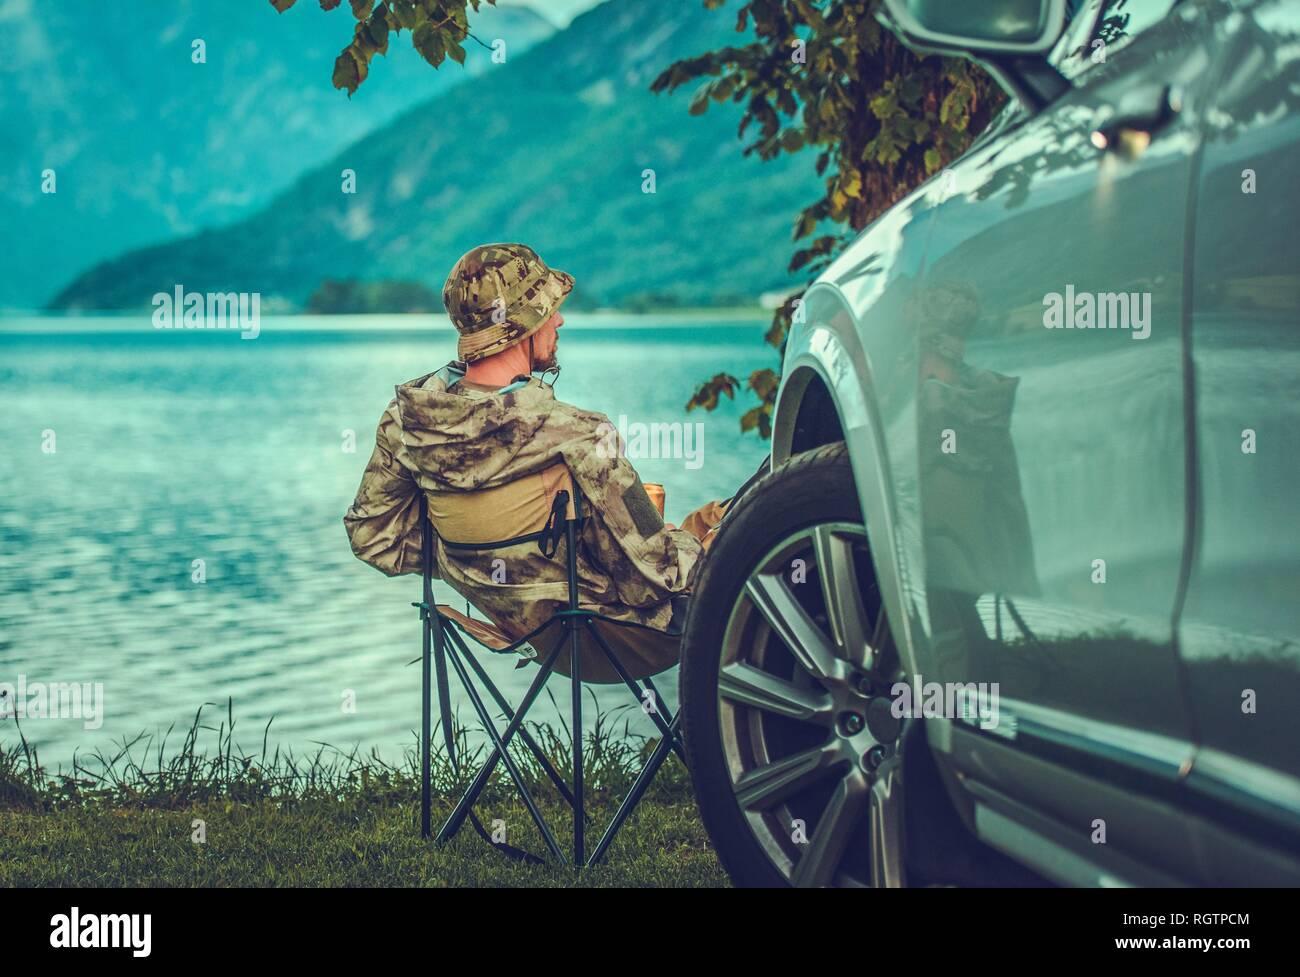 Il weekend al lago. Uomini caucasici accelerando il suo tempo libero sulla riva del lago. Fuga in auto. Immagini Stock